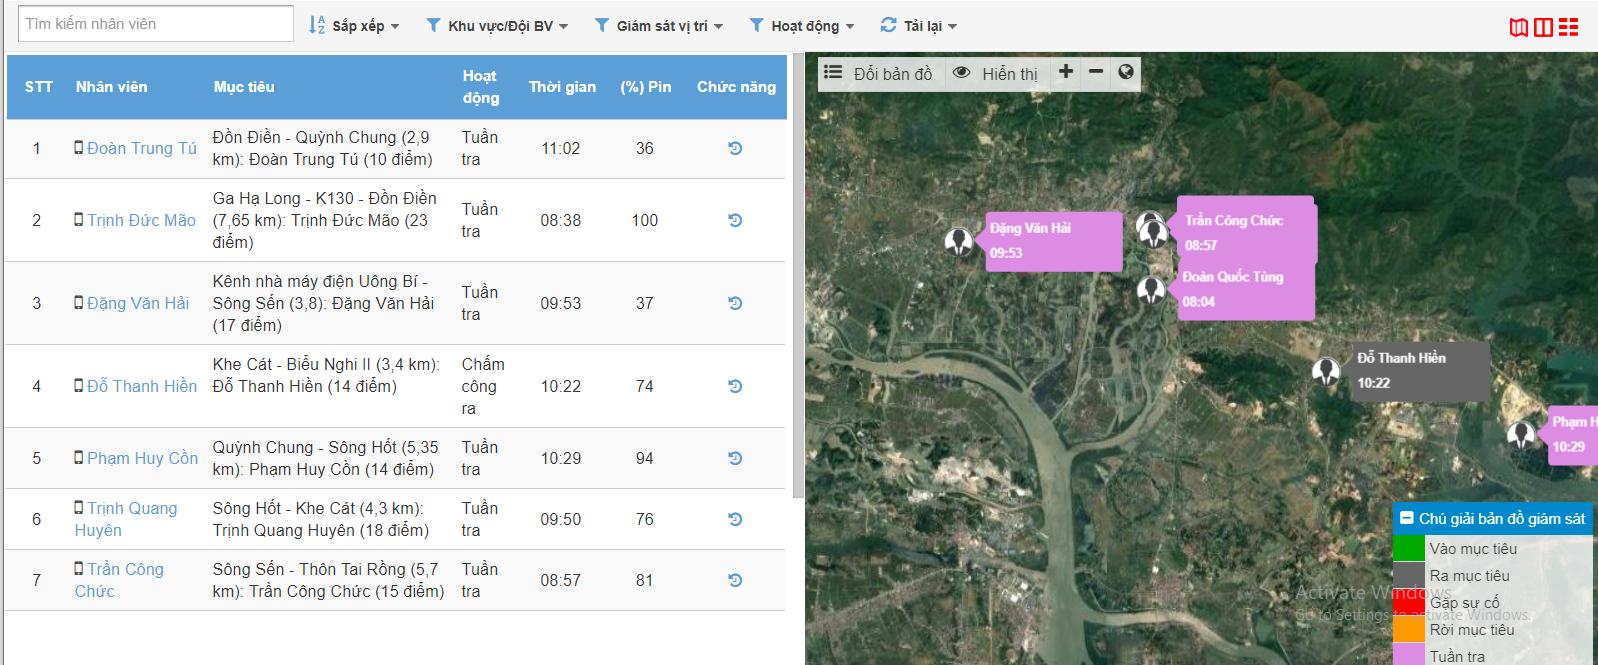 Xí Nghiệp Kho Vận Xăng Dầu K130 ứng dụng giải pháp giám sát tuần tra bảo vệ bằng di động SmartGuard